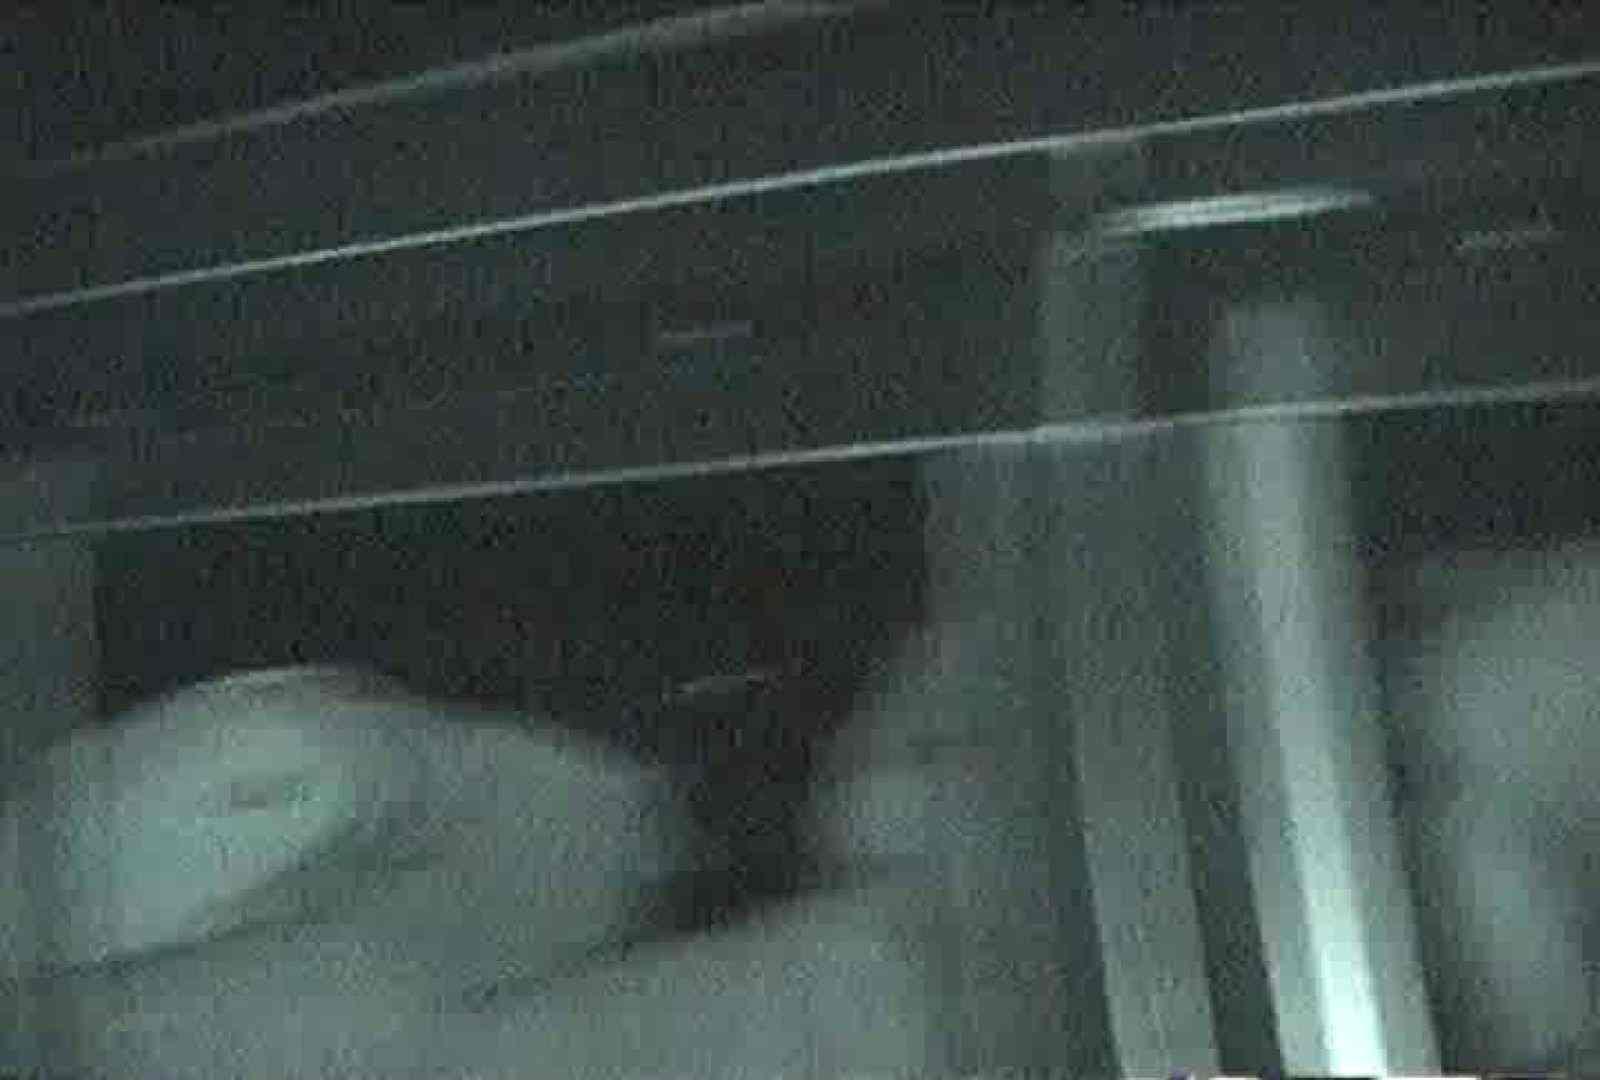 充血監督の深夜の運動会Vol.87 マンコ・ムレムレ | 美しいOLの裸体  83pic 29